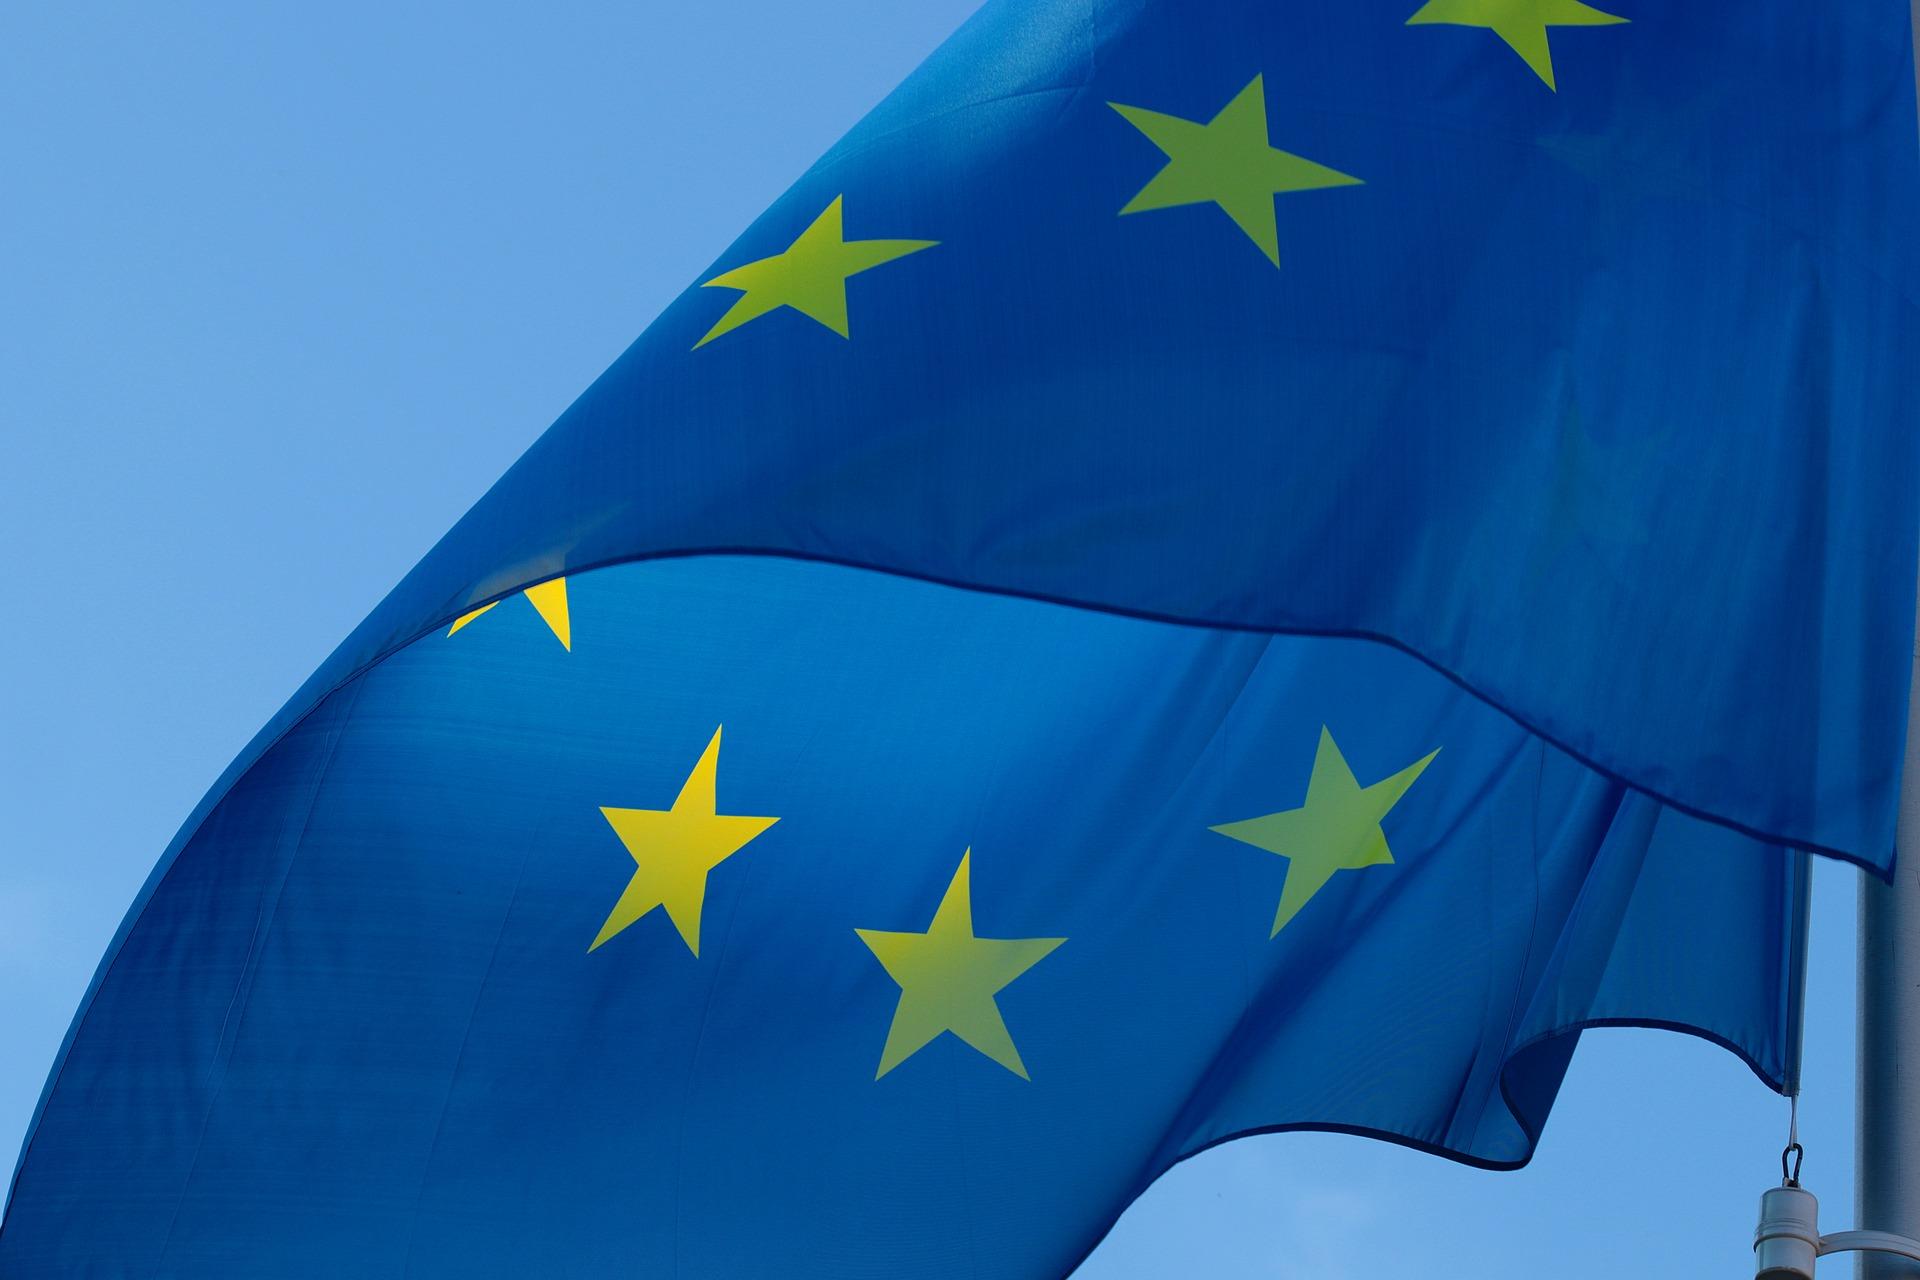 Bayernpartei prüft juristische Maßnahmen gegen Sperrklausel bei Europawahlen